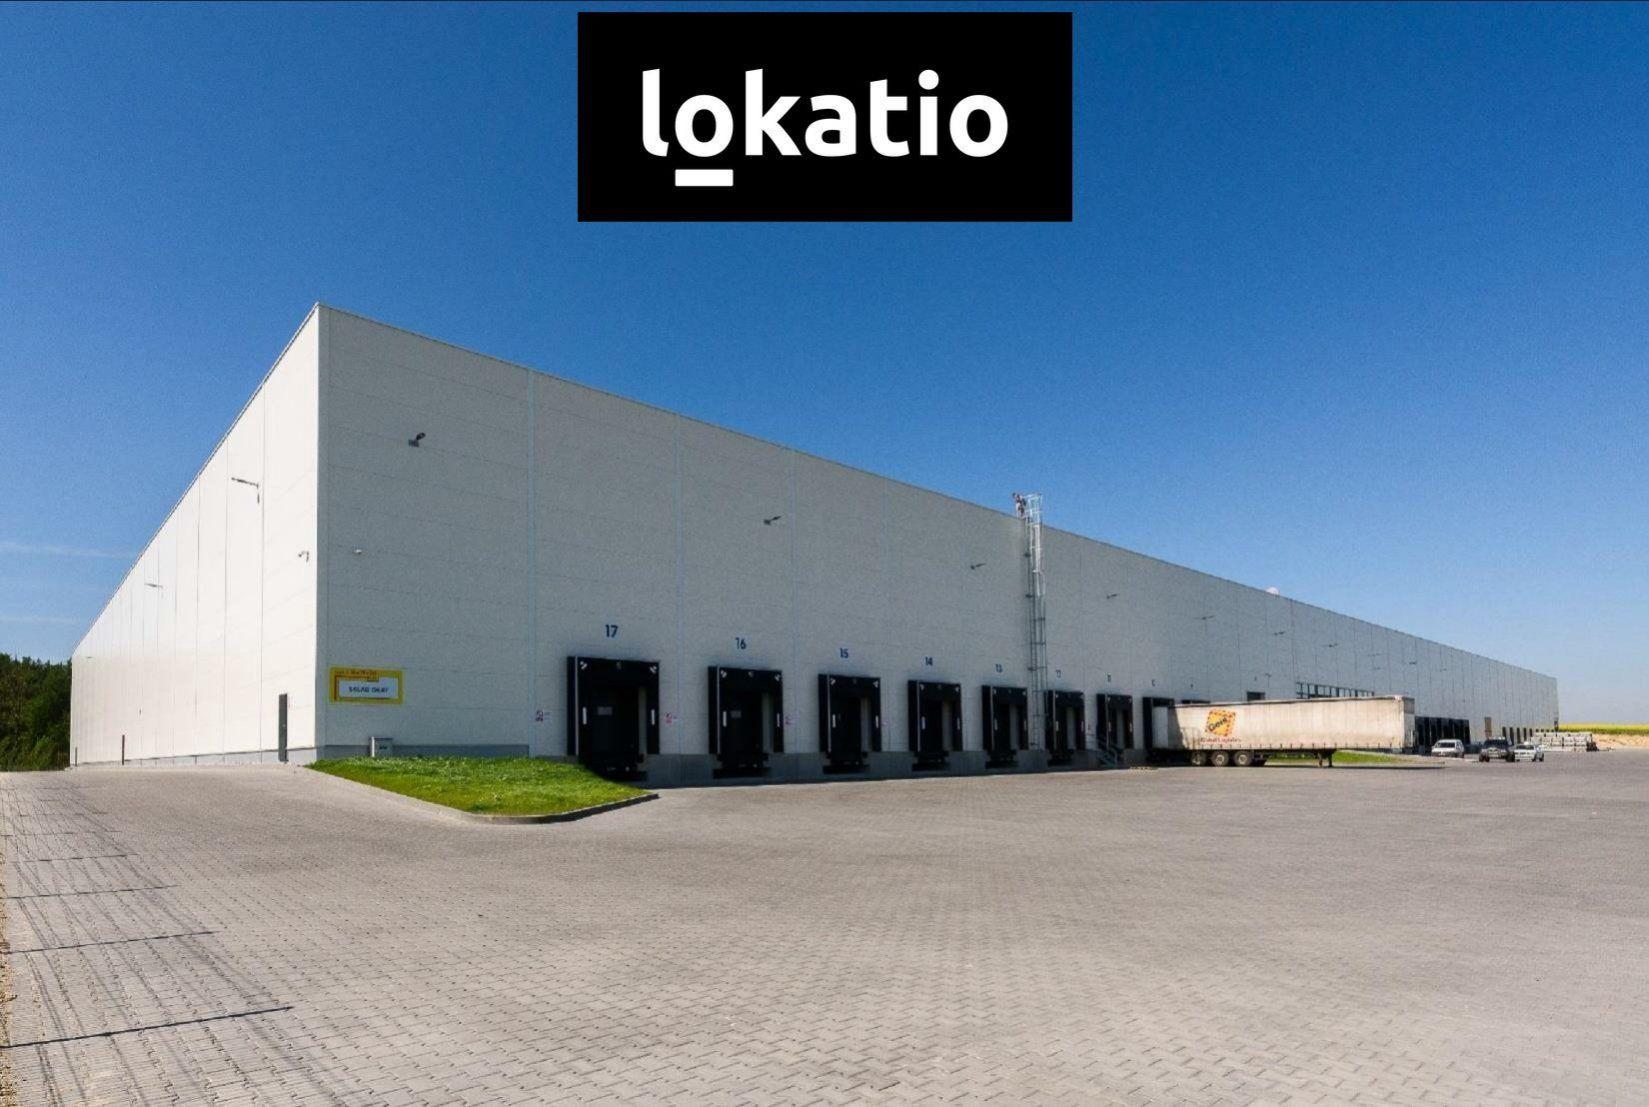 Pronájem - skladovací a logistický park (Velká Bíteš)